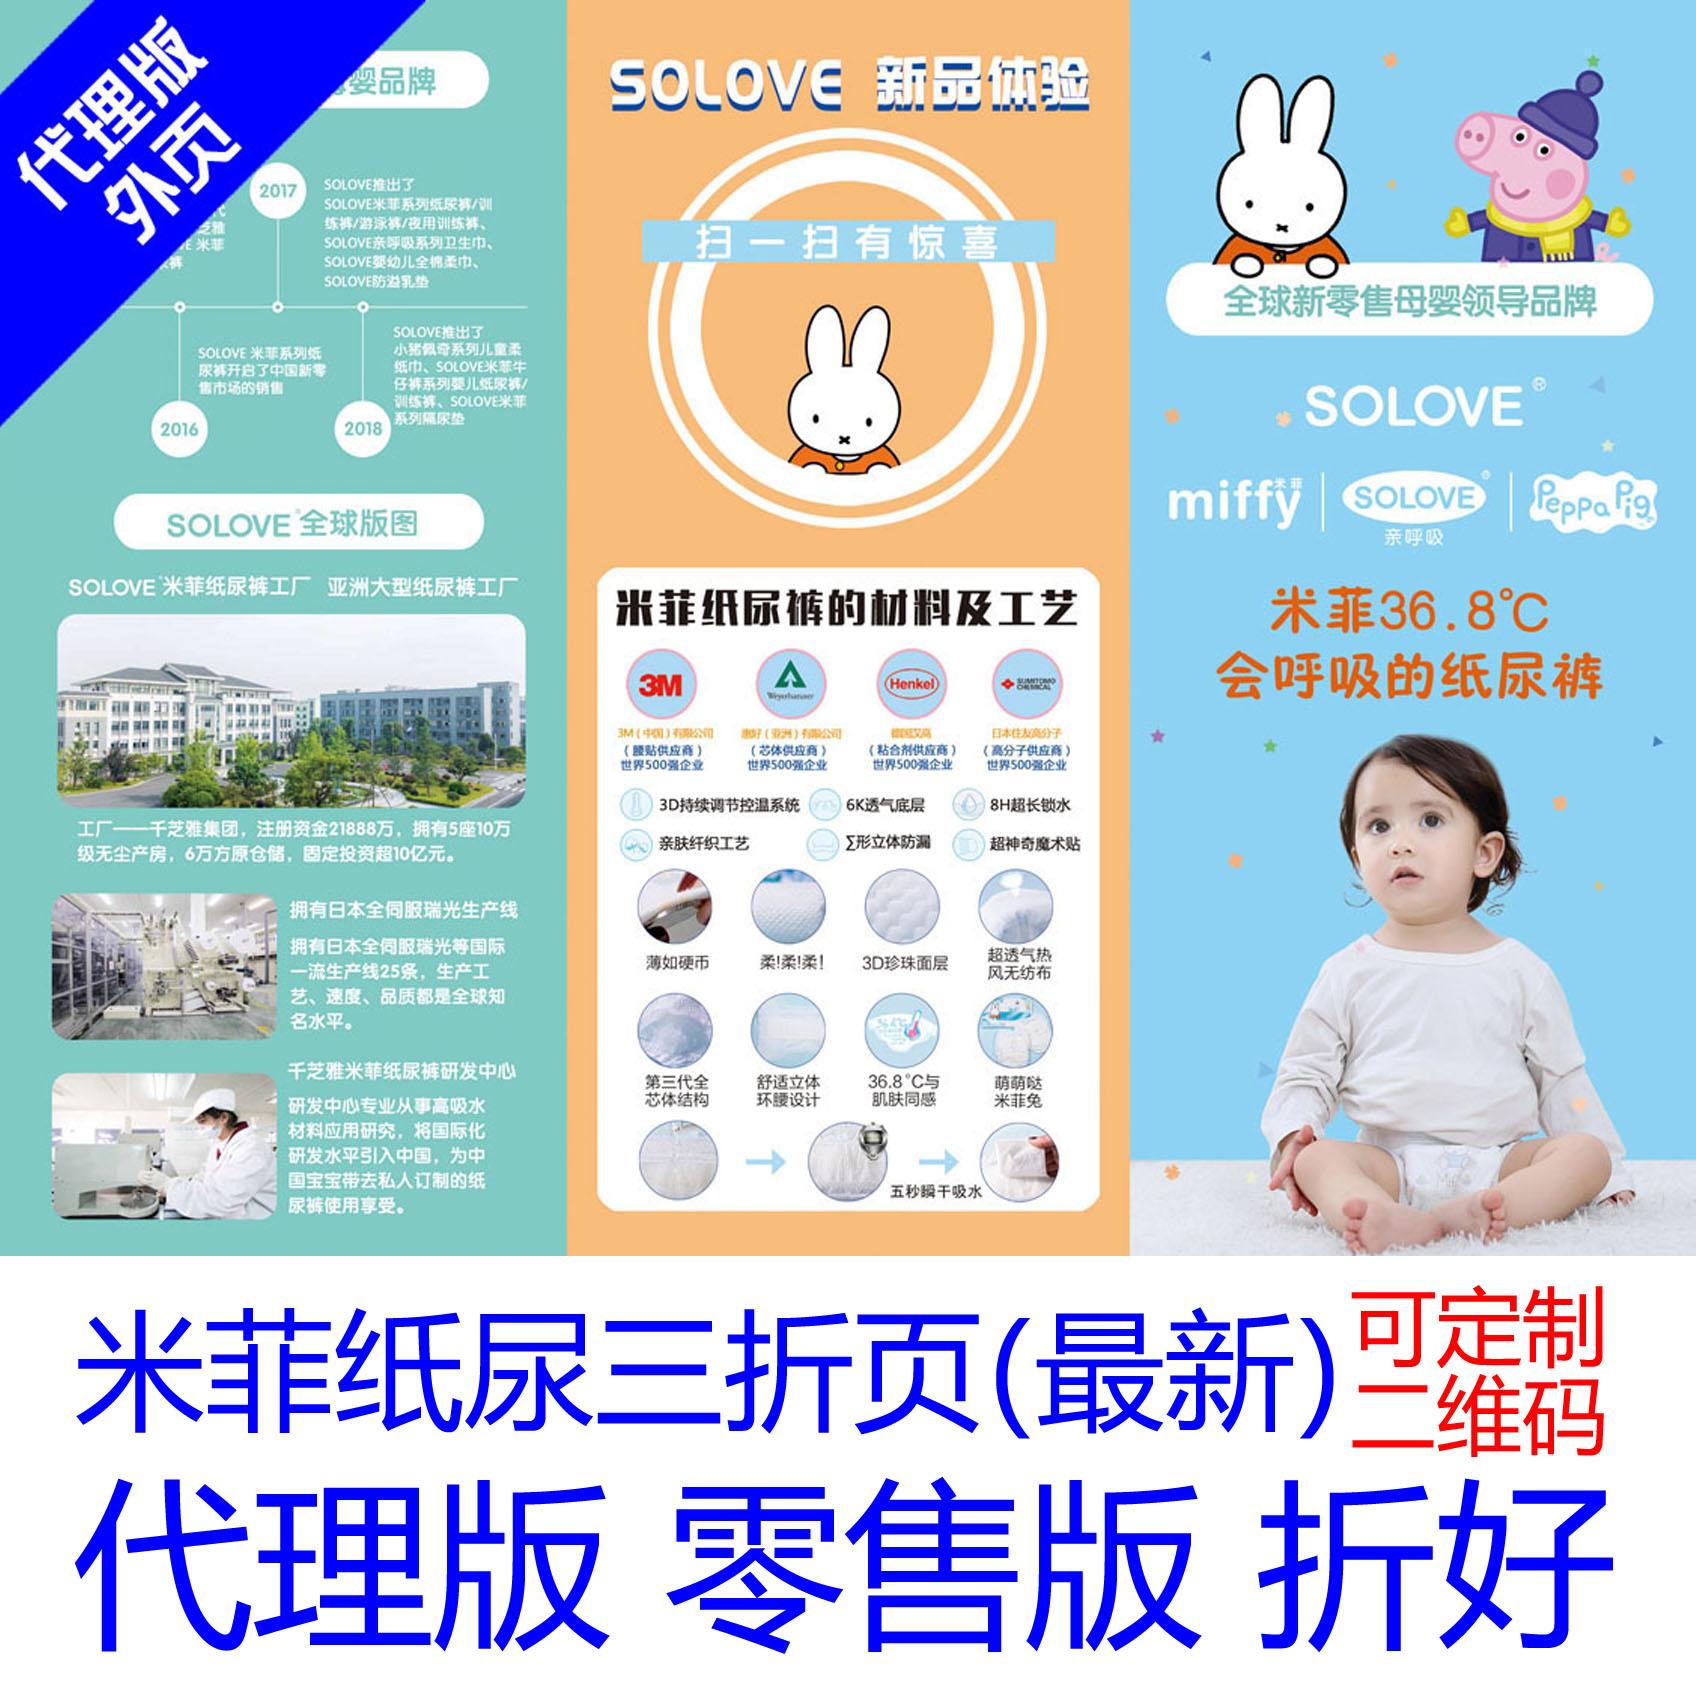 Брошюры для пеленок Miffy один Визитная карточка (плюс новый товар новинка ) Плакат бесплатная доставка по китаю Настраиваемый